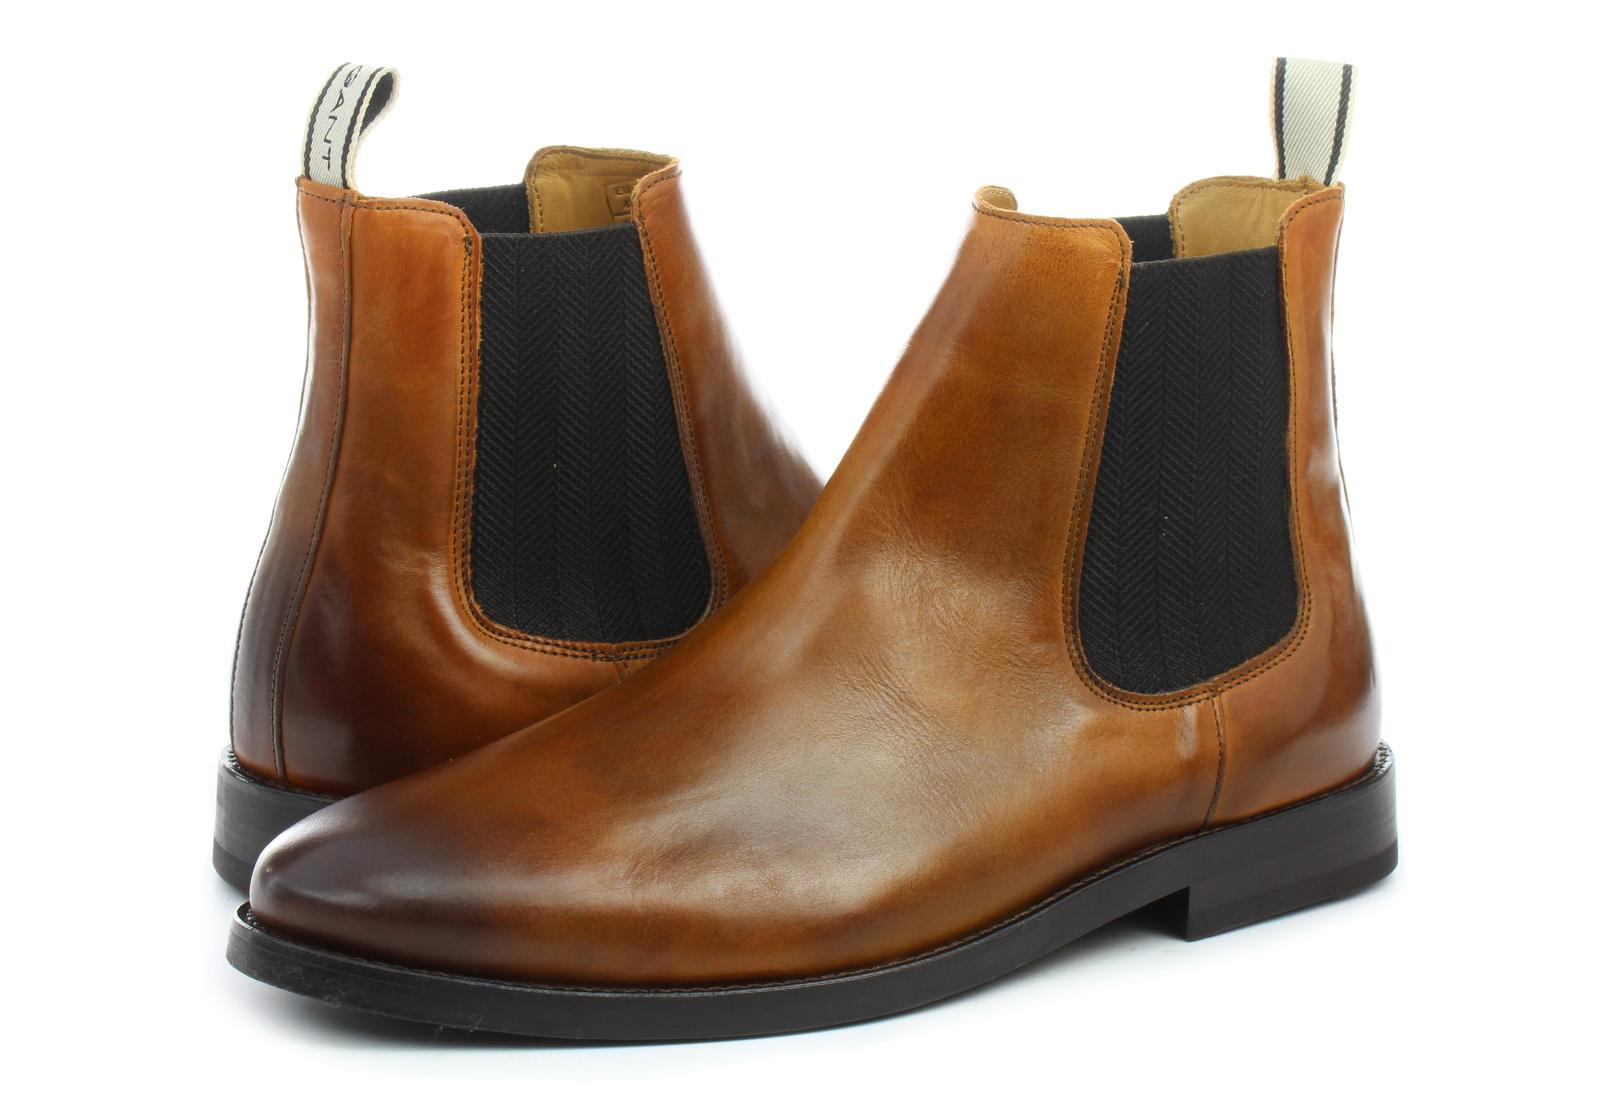 buty męskie marco polo trzewiki wysokie